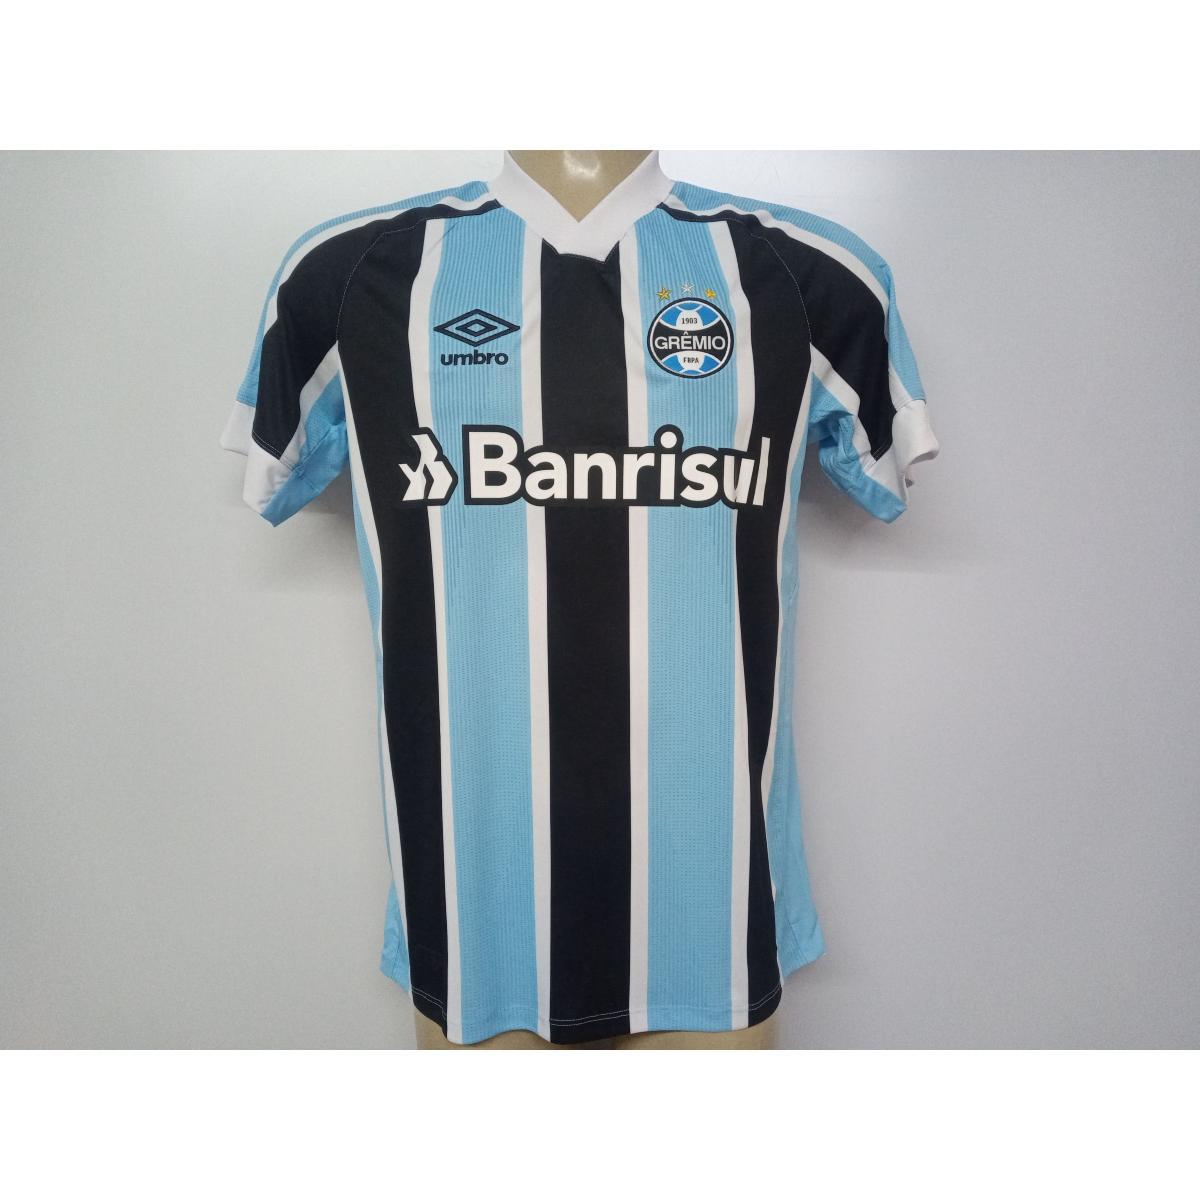 Camiseta Masculina Grêmio U31g024.312 Classic of 1 2021 N10 Celeste/preto/branco